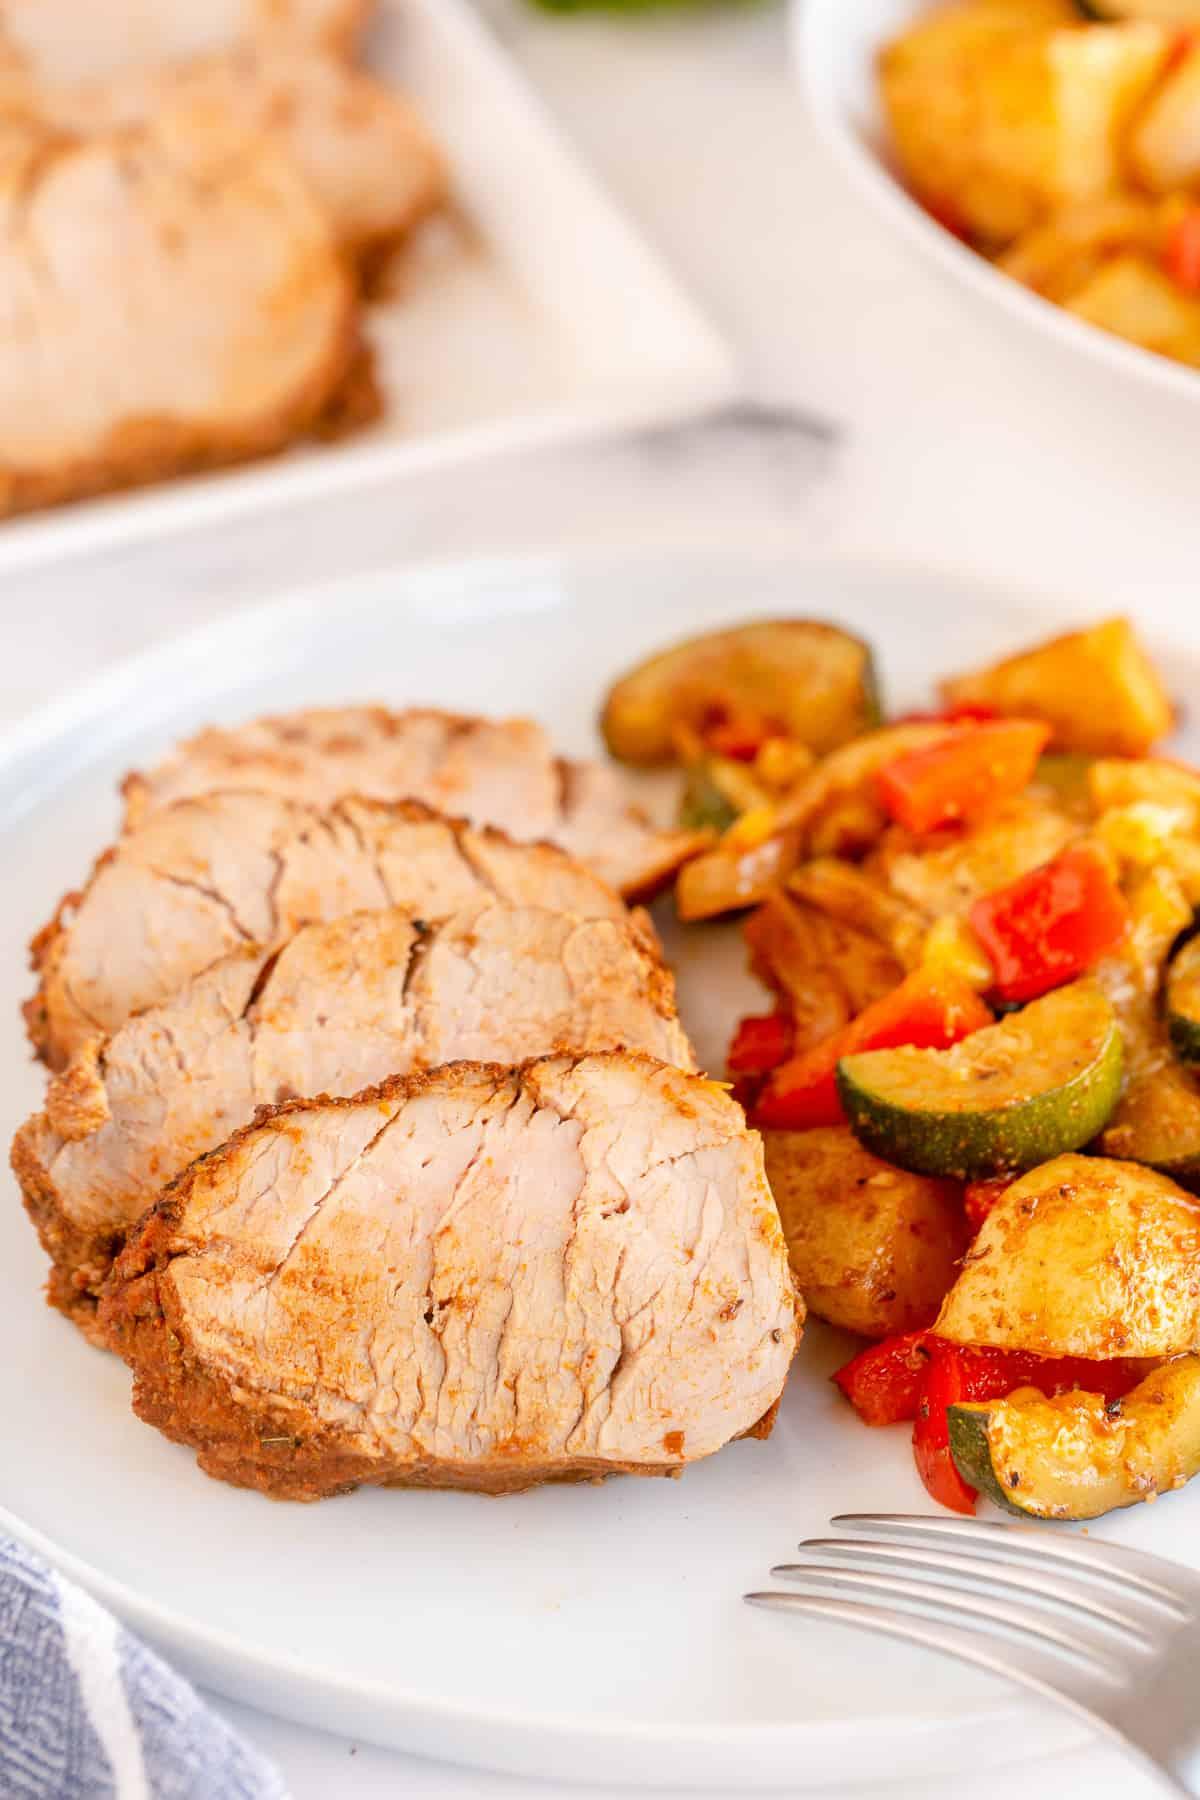 Sliced pork tenderloin and vegetables on a white plate.